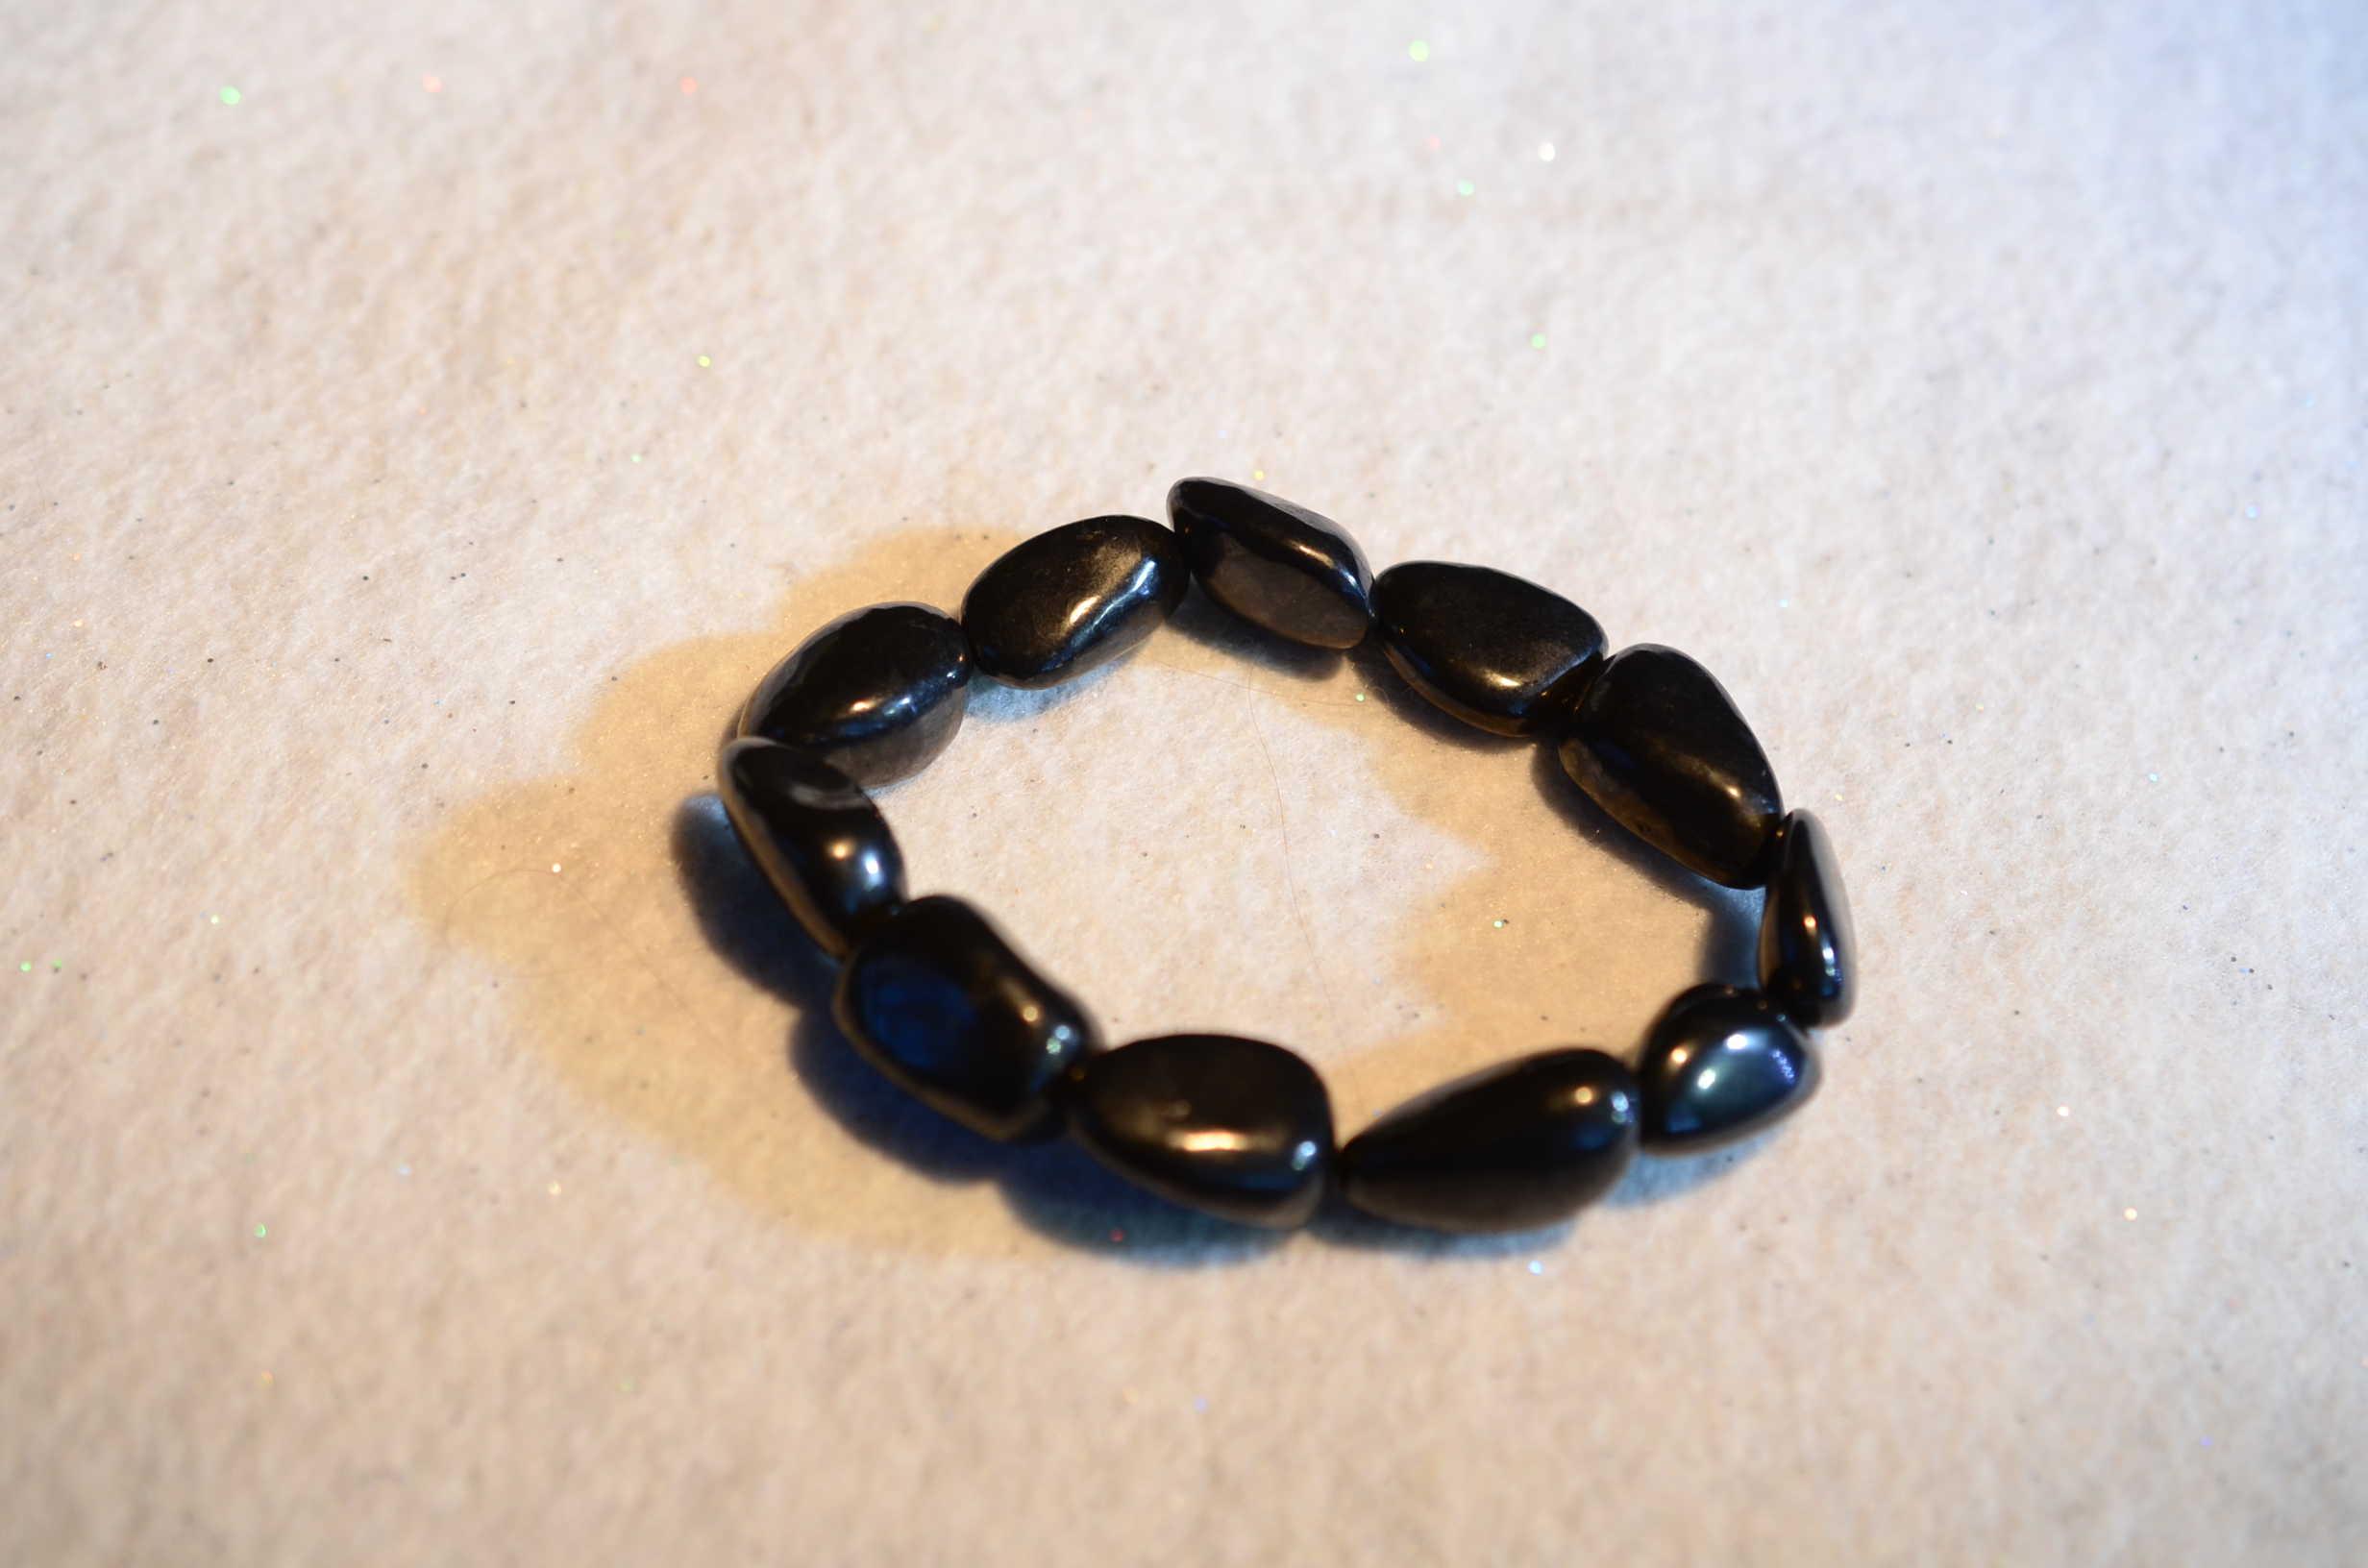 Polished Shungite Bracelet